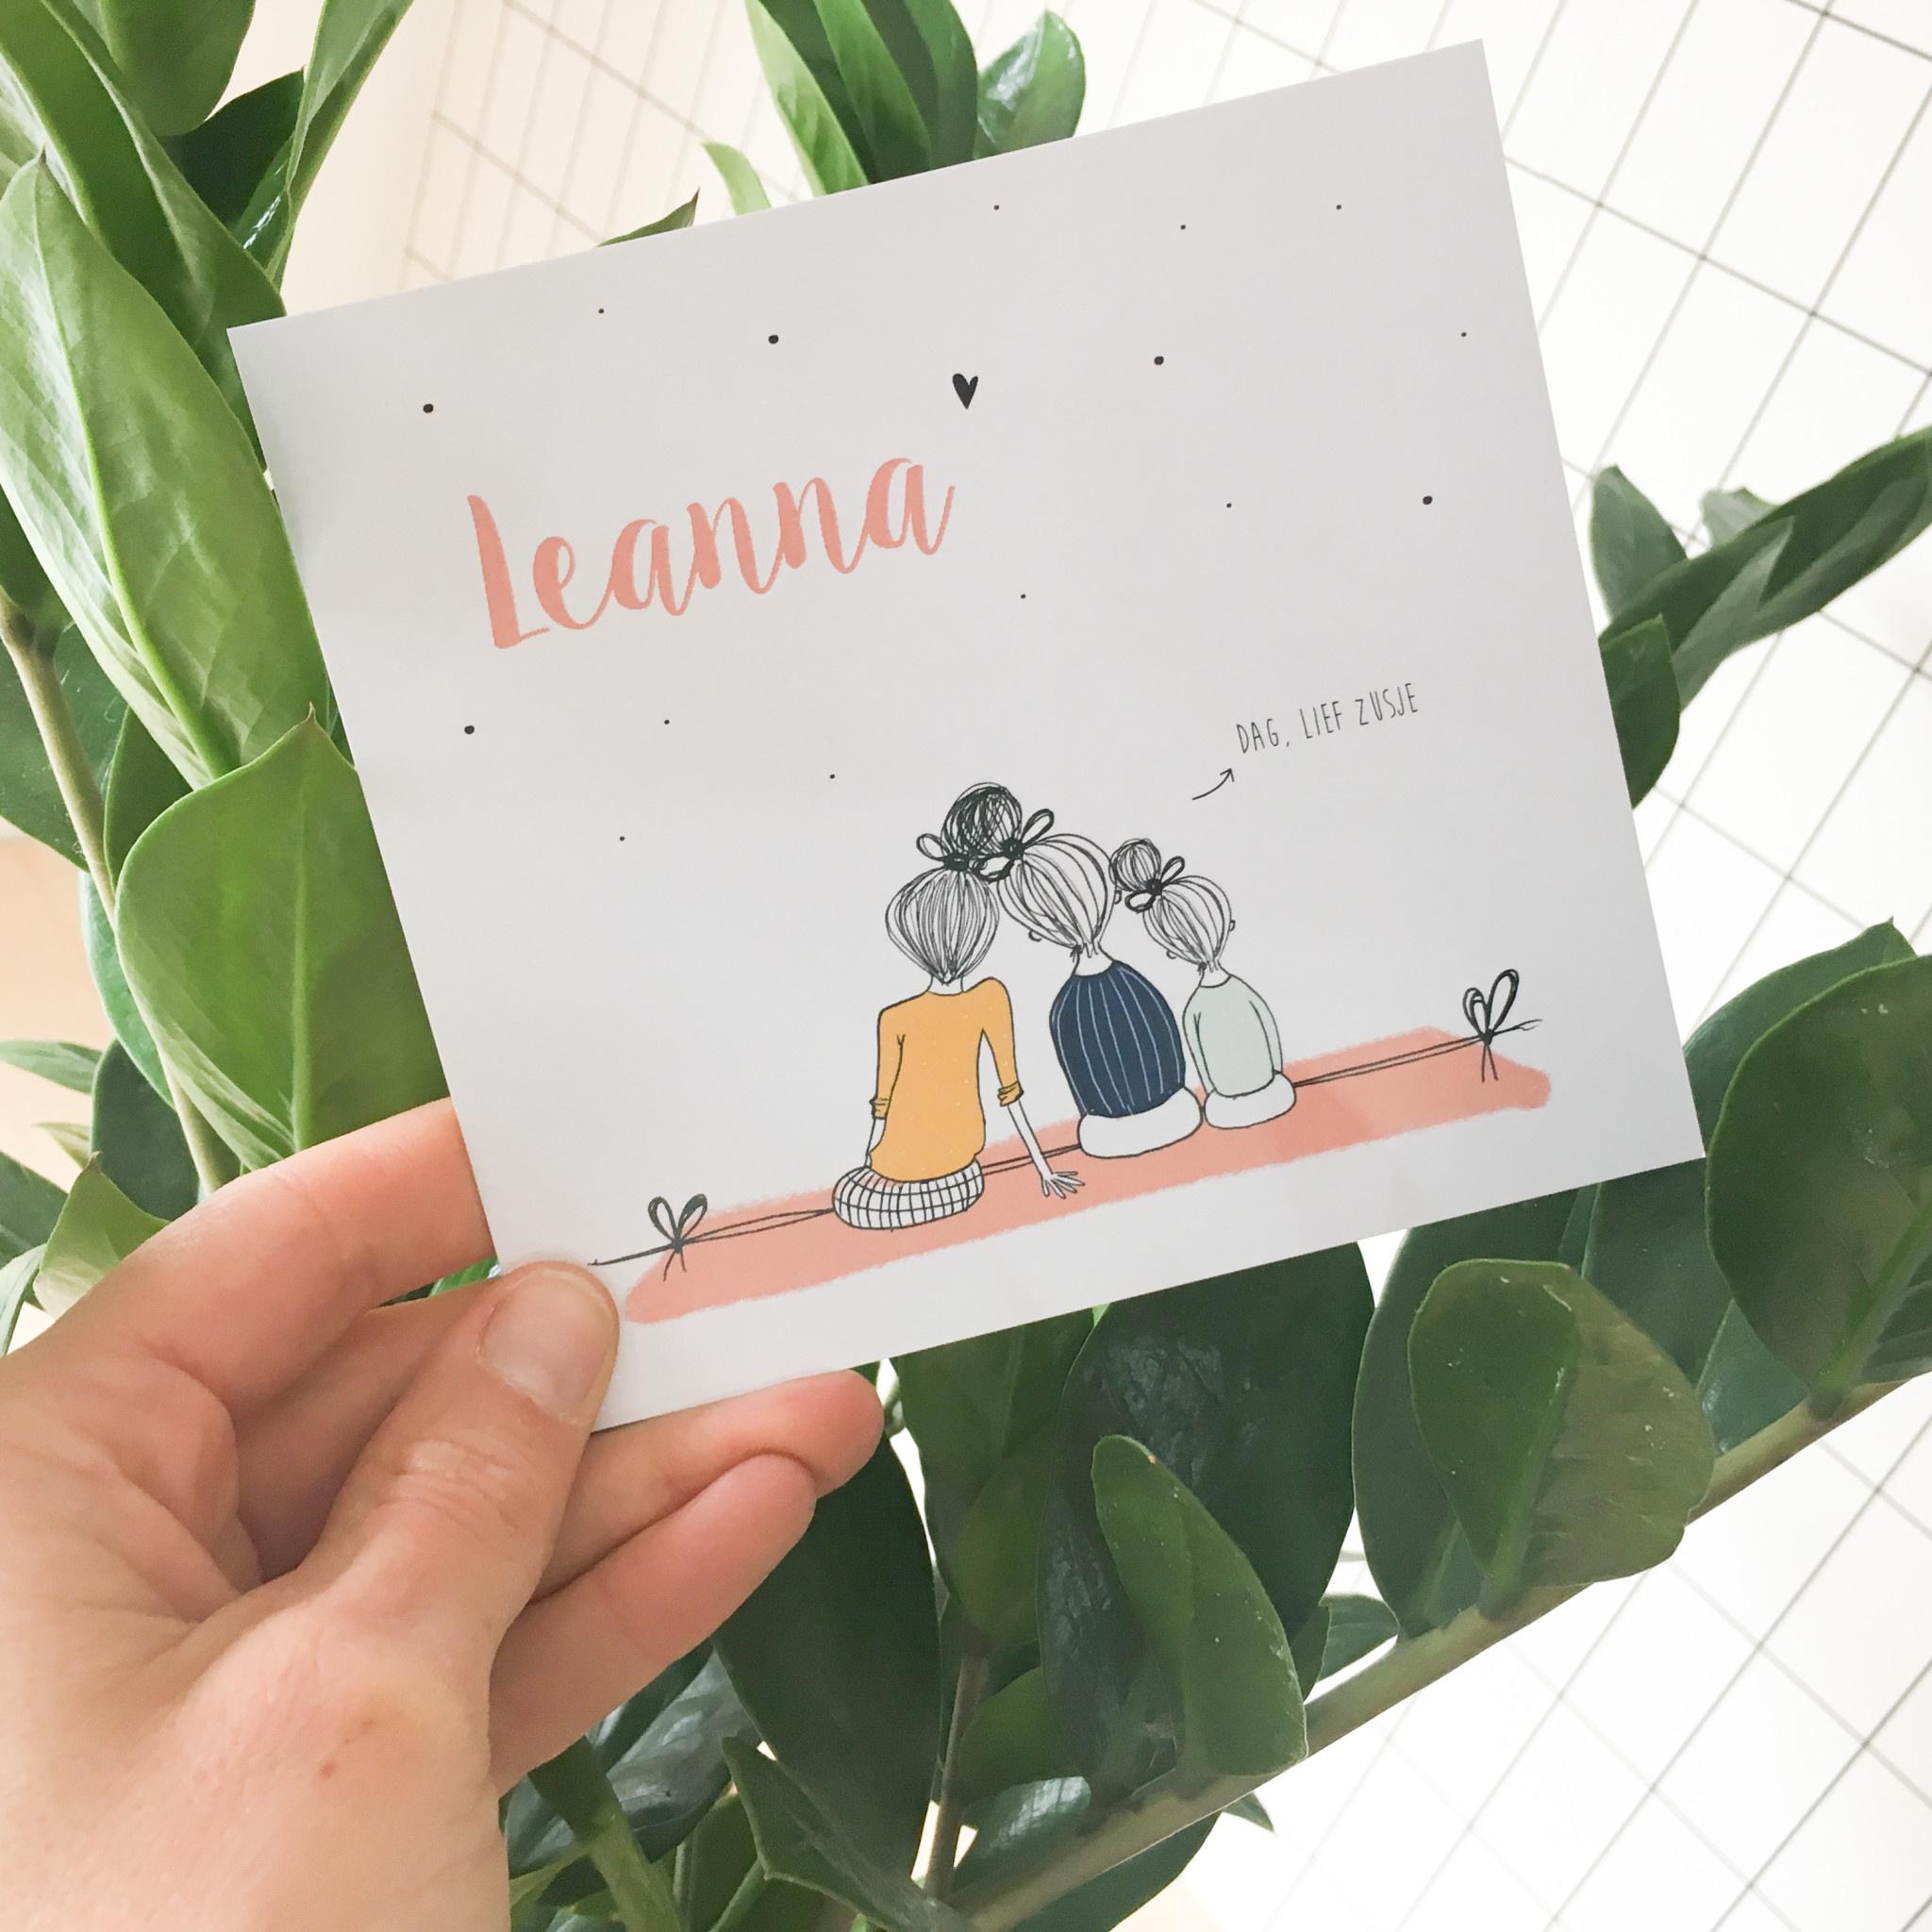 geboren_09-12 Leanna